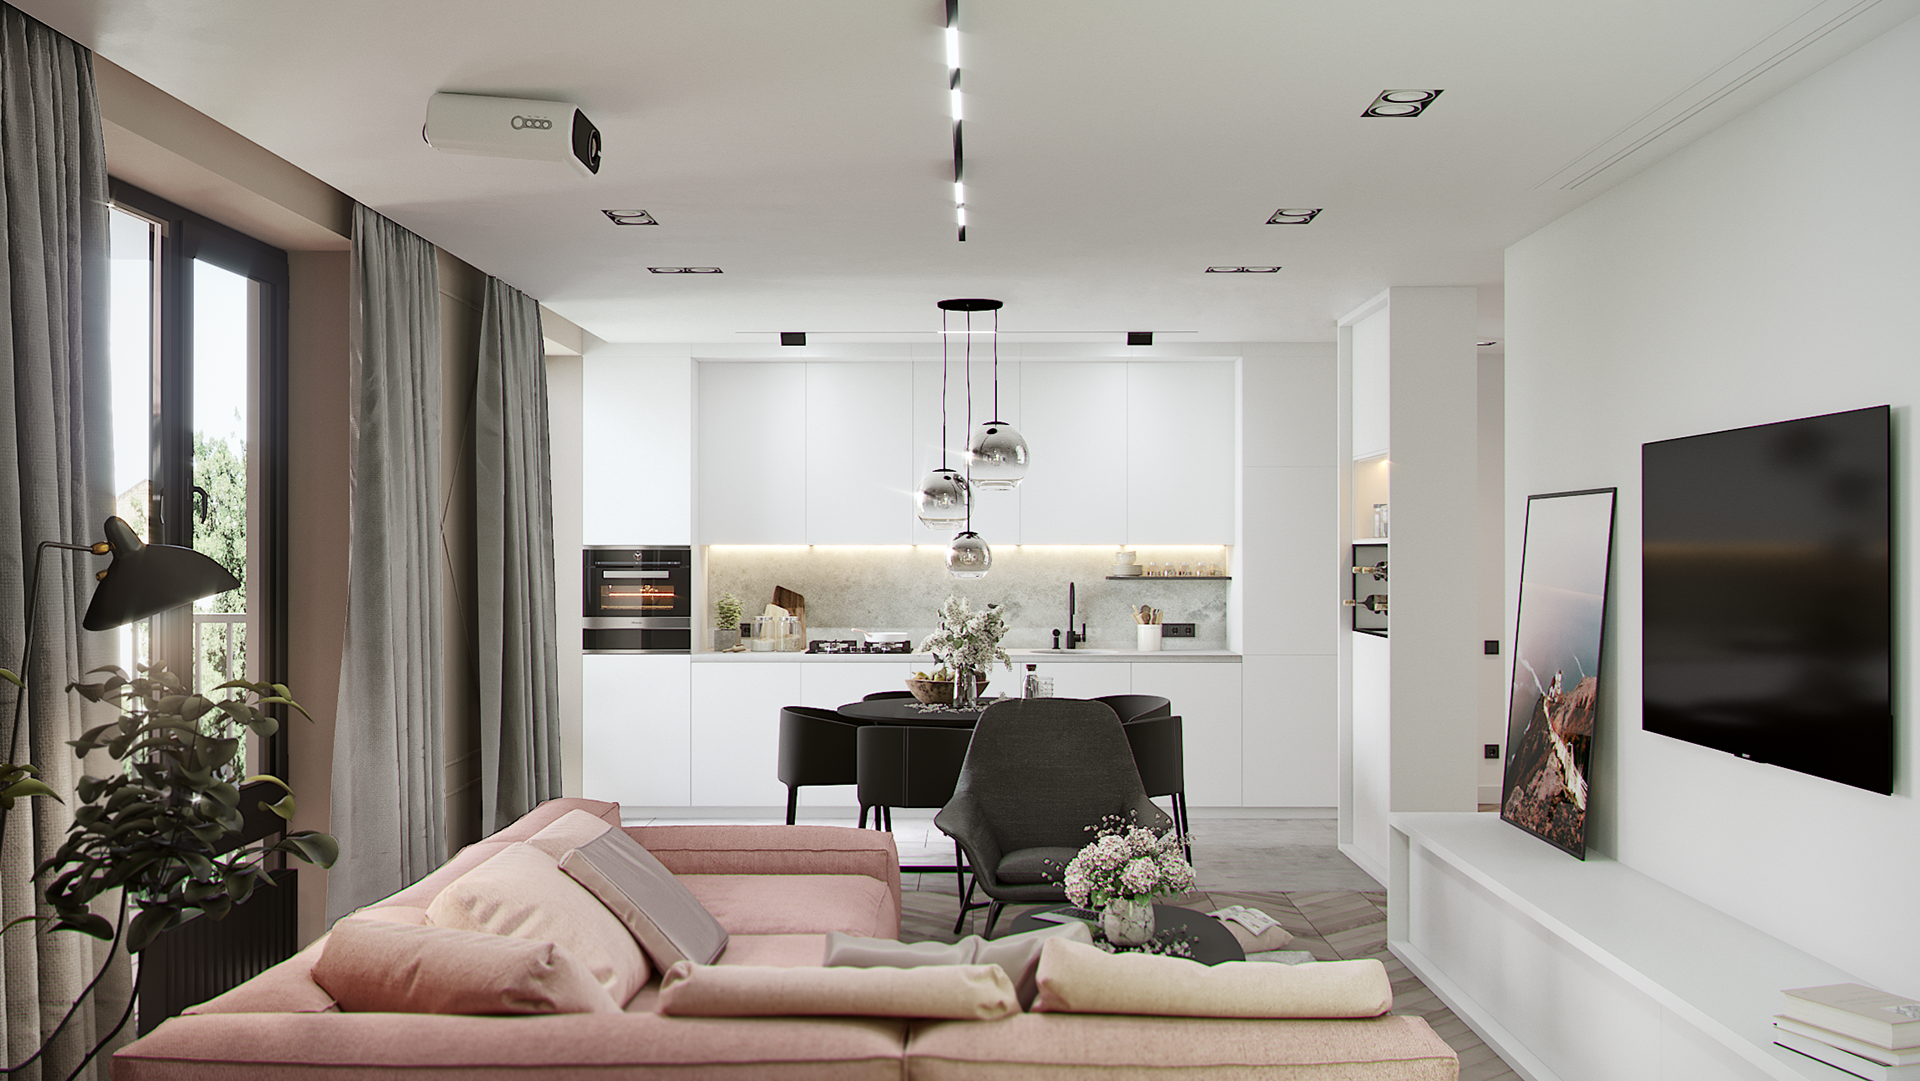 Дизайн квартиры фриланс freelance шаблон